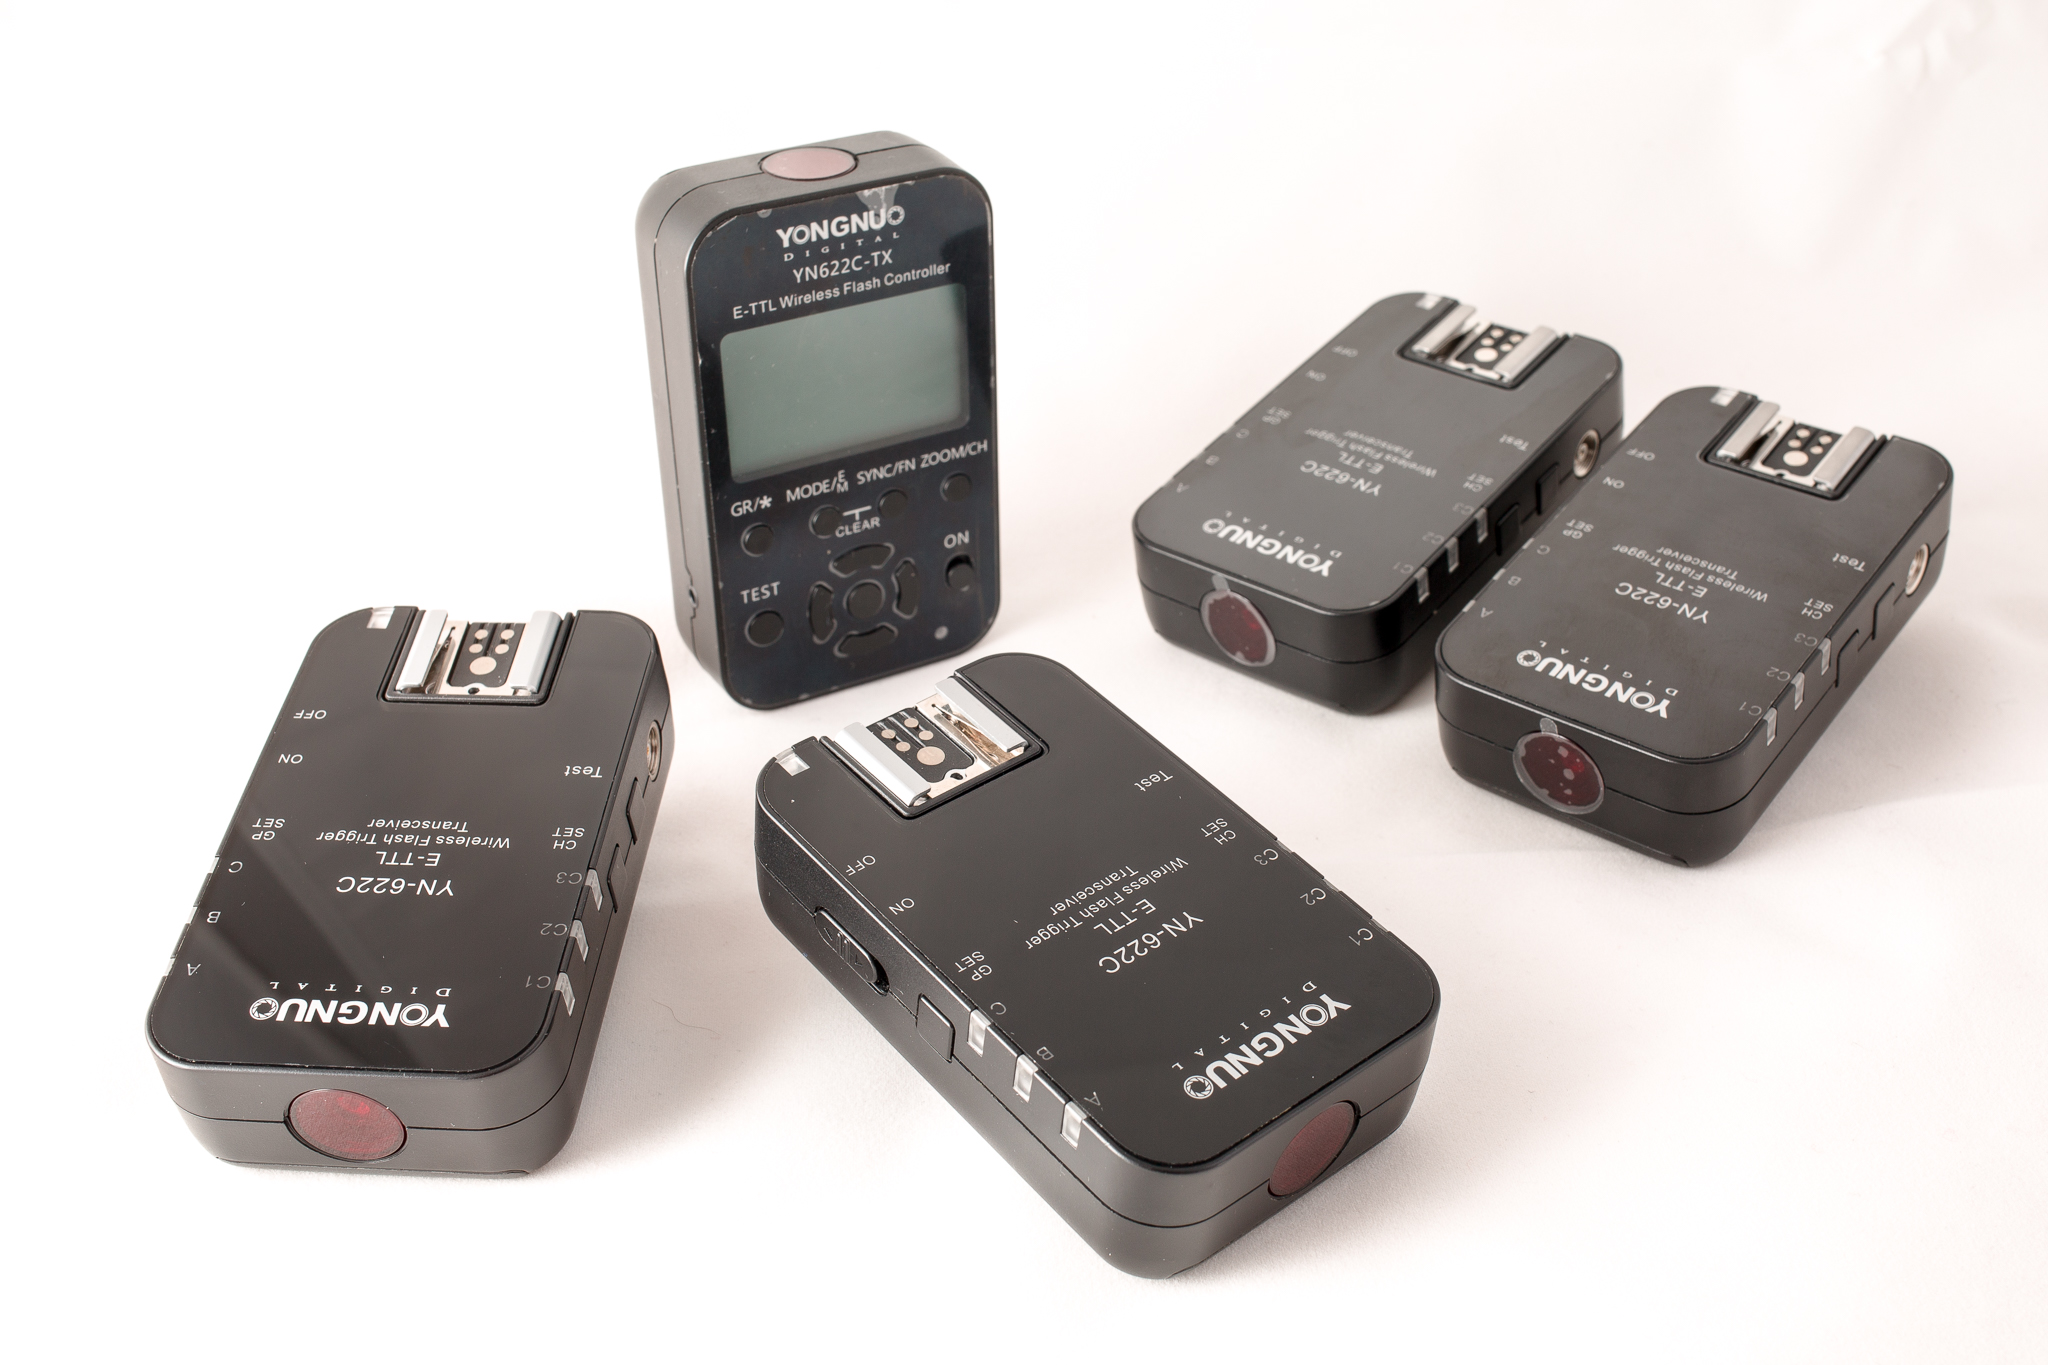 Zestaw wyzwalaczy 4x YN-622C + YN-622C-TX (Canon)